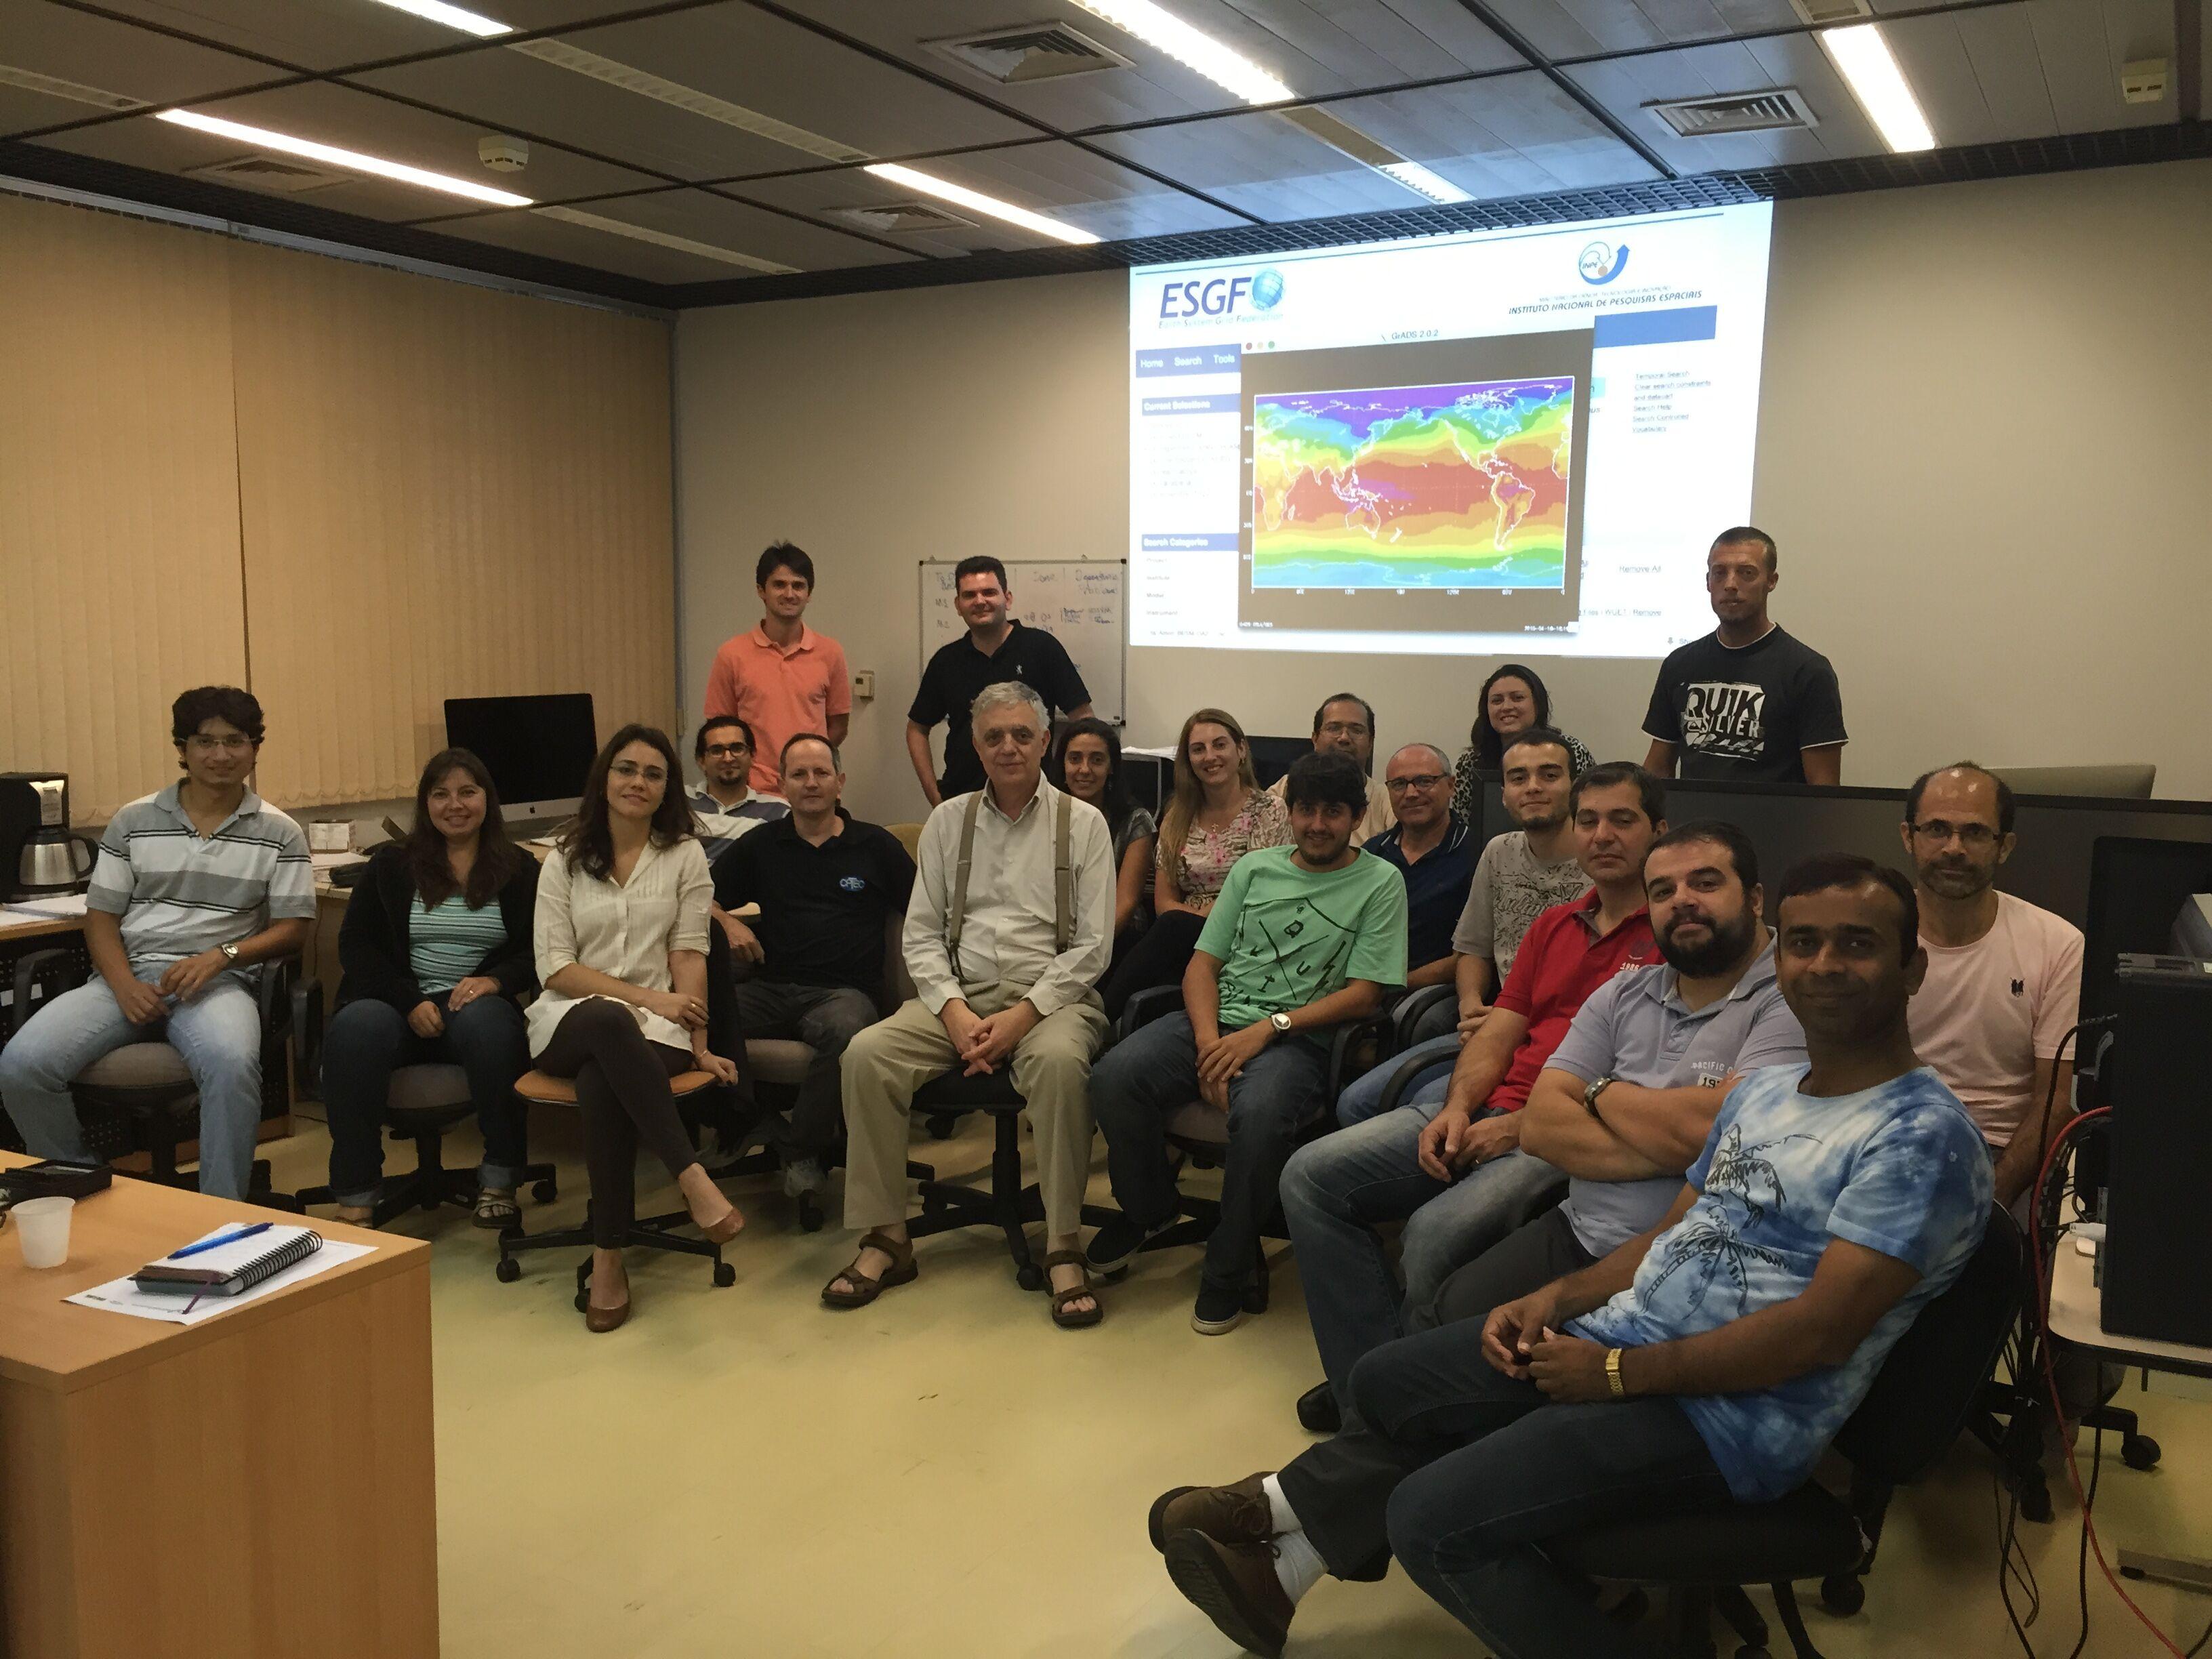 Paulo Nobre equipe Cientistas Besm